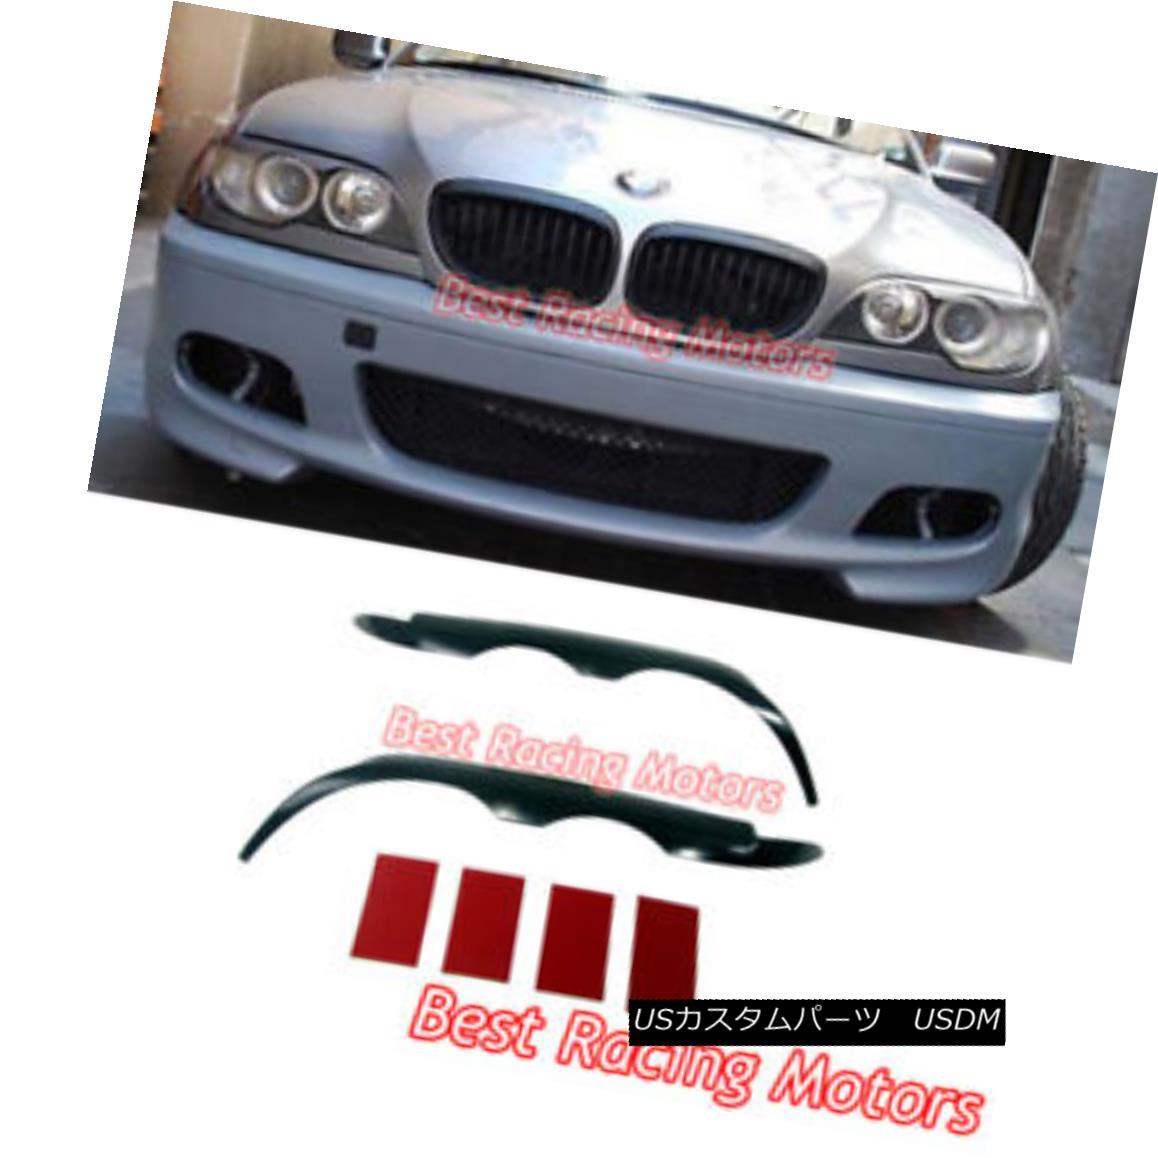 エアロパーツ Kamei Style Eyebrows Eyelids Covers (ABS) Fits 04-06 BMW E46 2dr 3-Series 亀井スタイル眉毛まぶたカバー(ABS)フィット04-06 BMW E46 2dr 3シリーズ